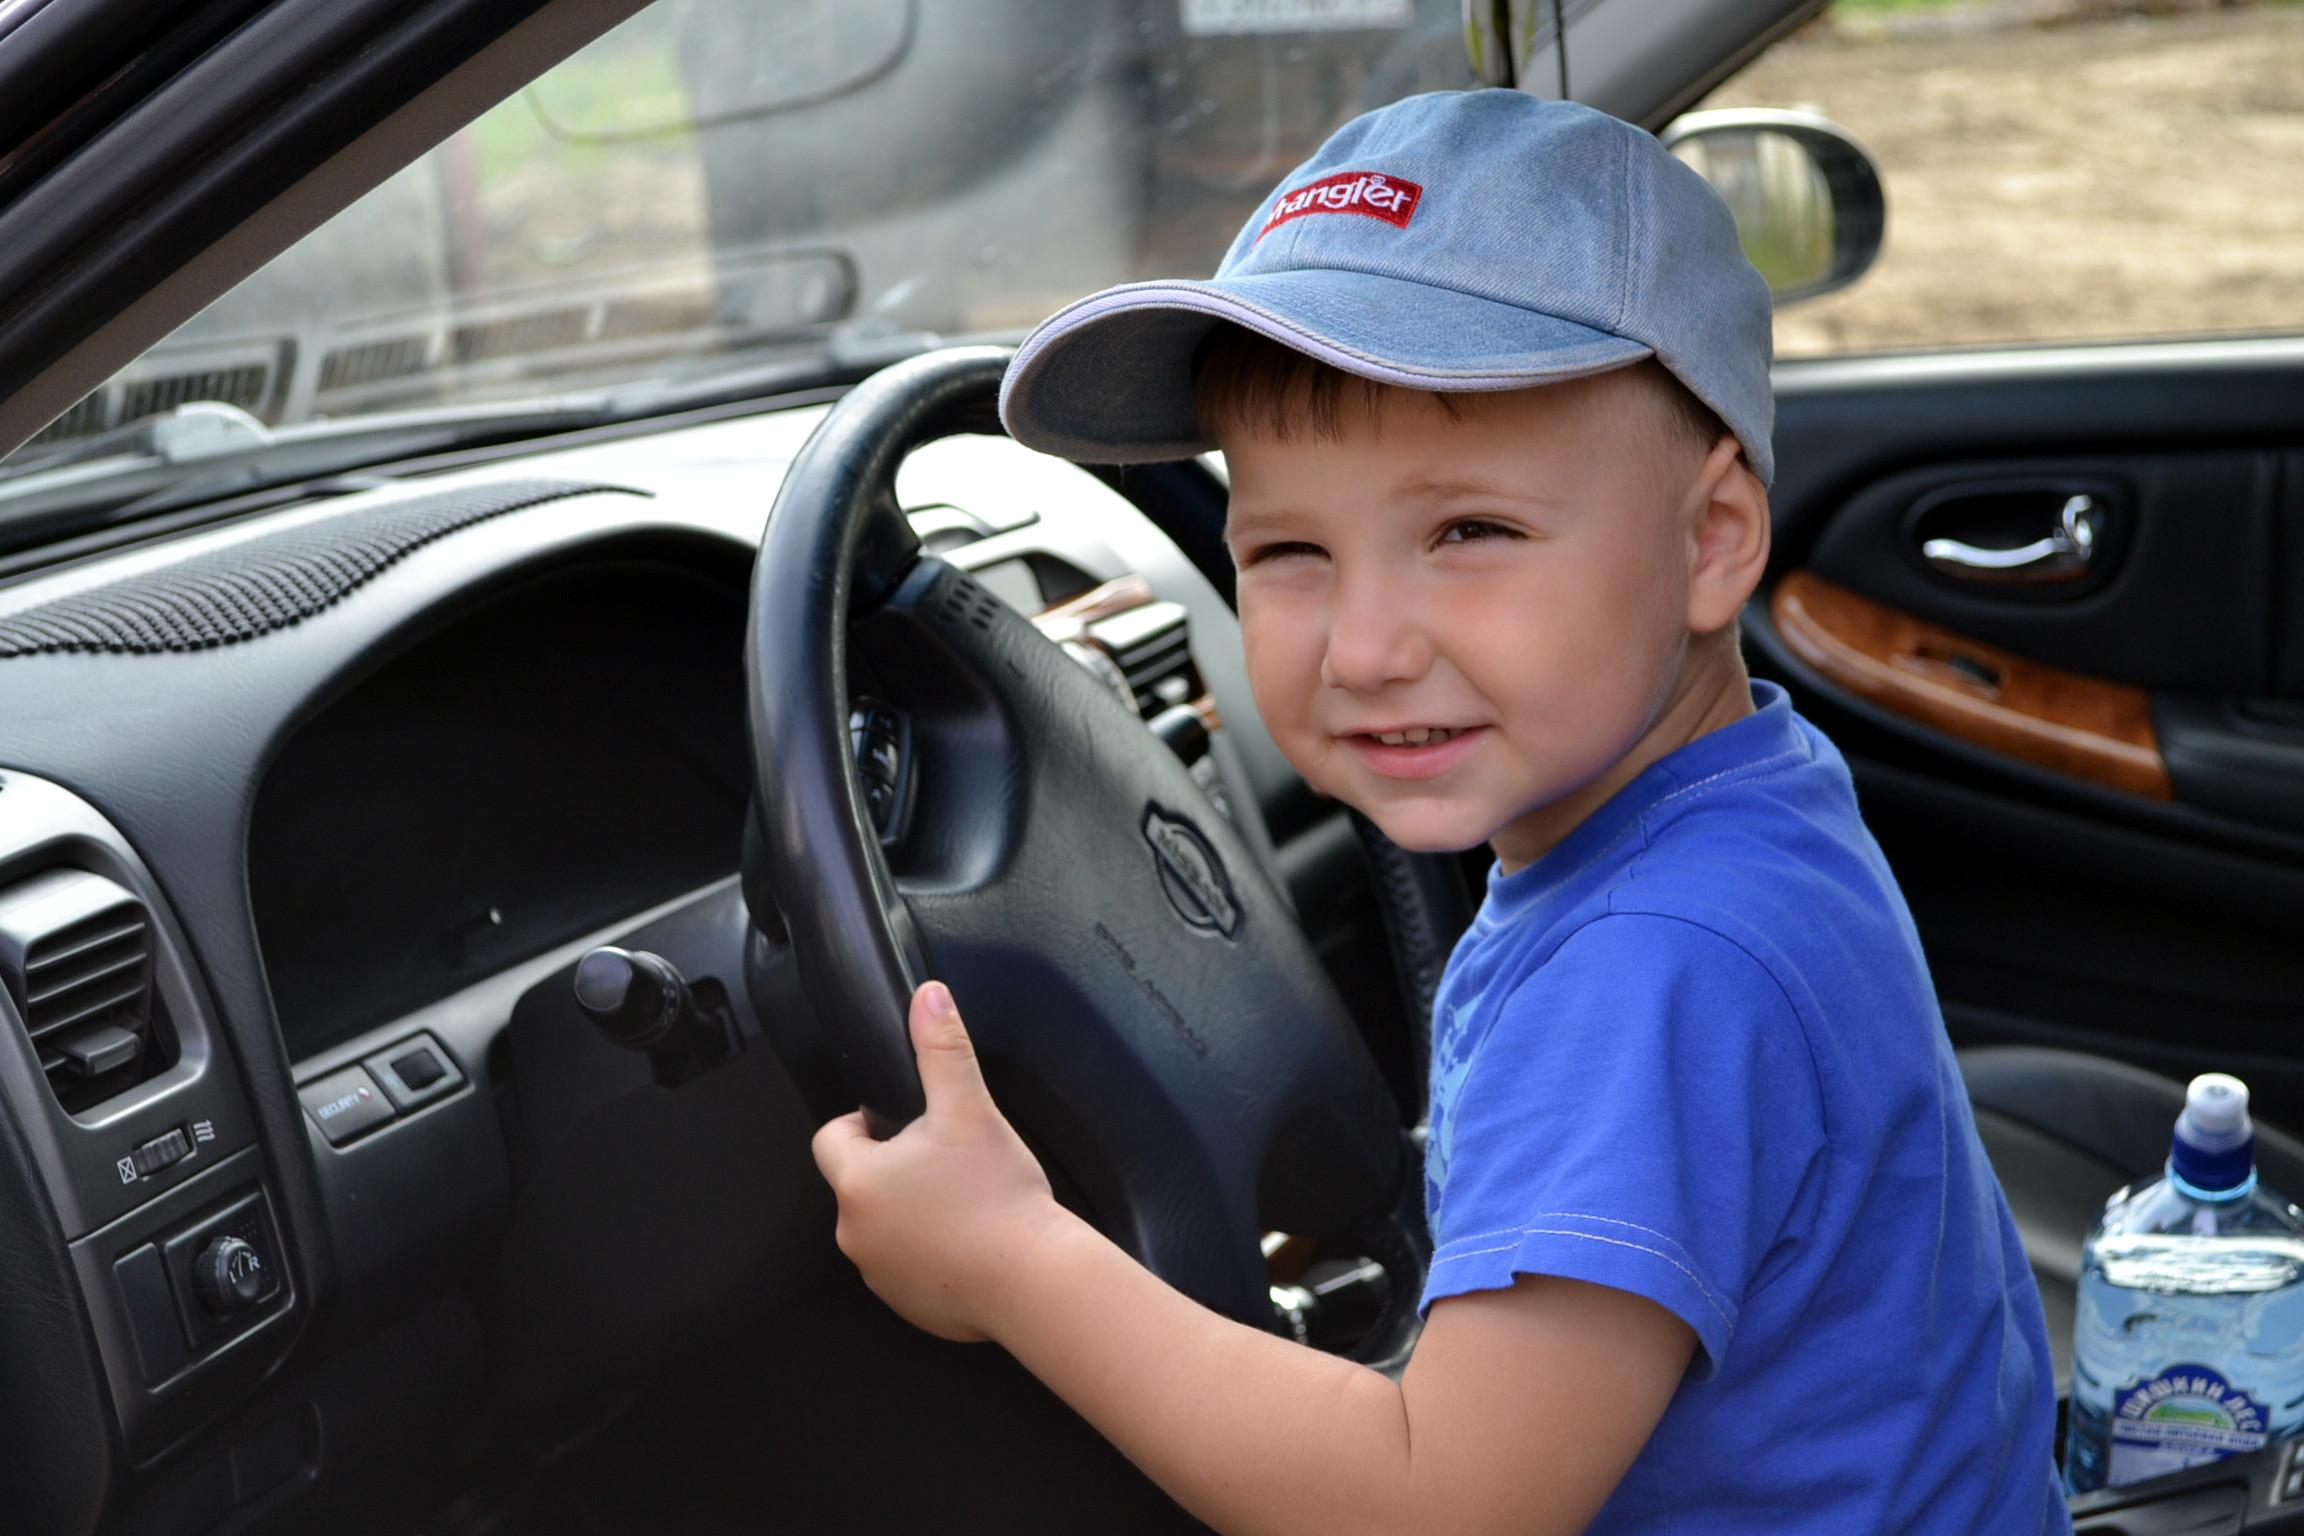 Крепче за баранку держись, шофёр! -)). Пора кататься!